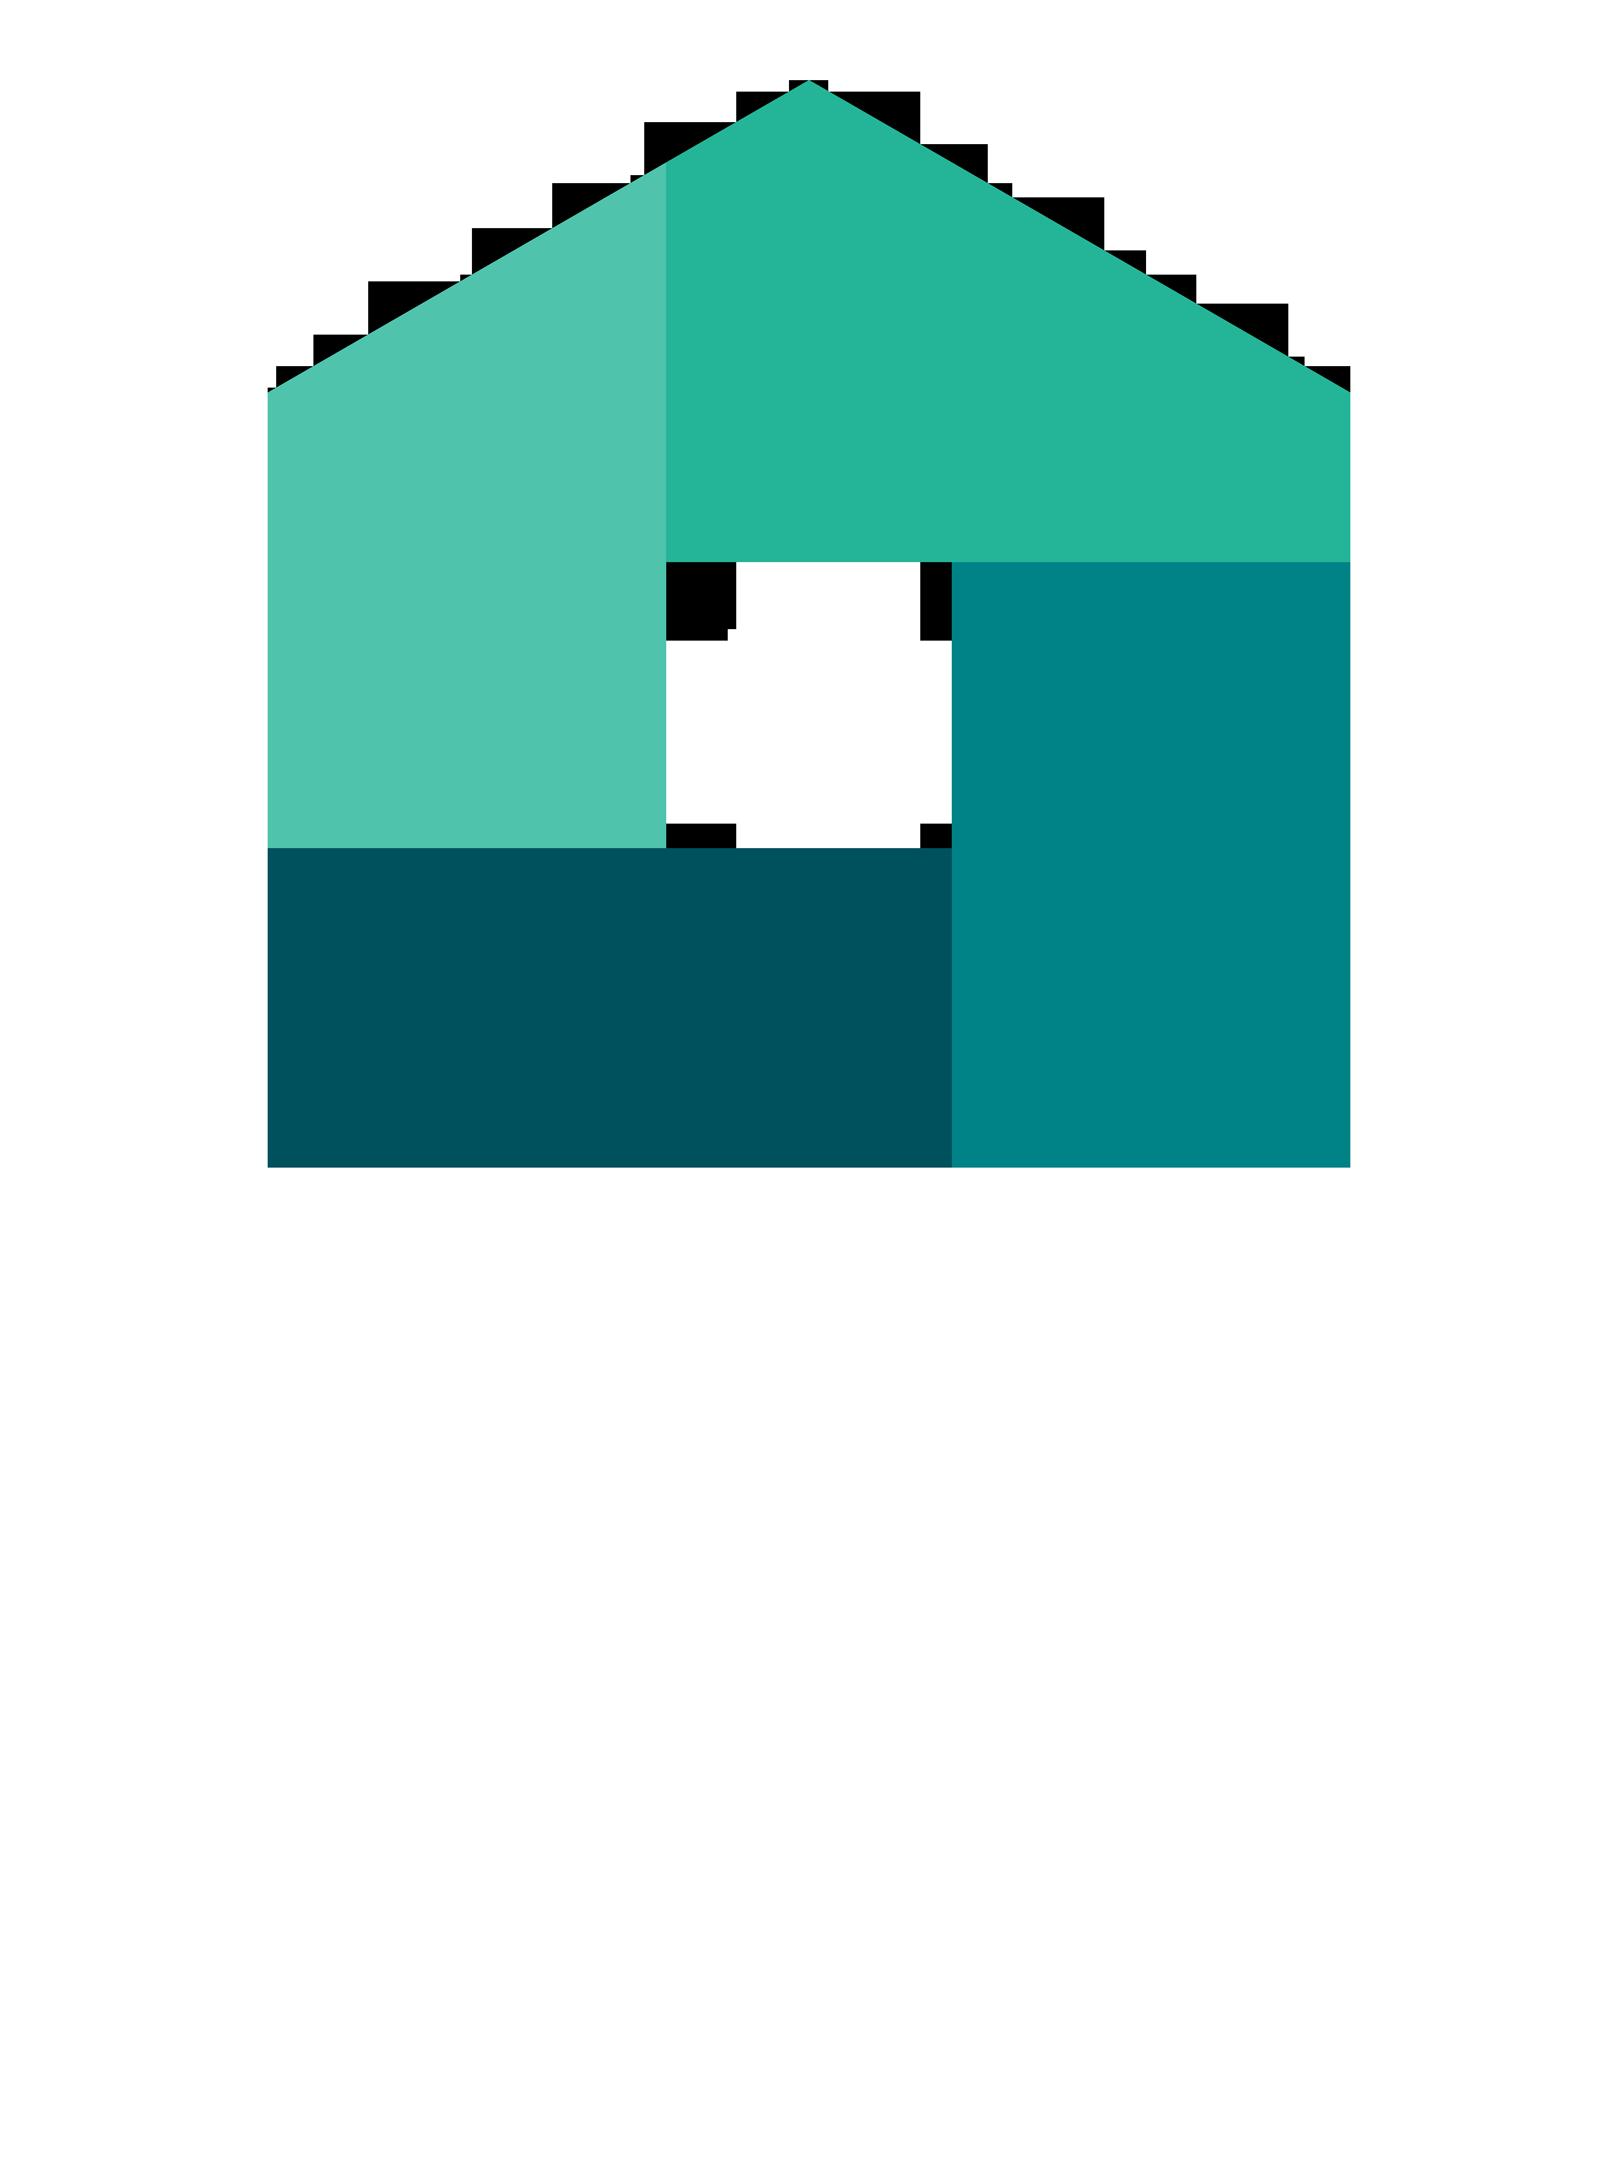 ContactJTech